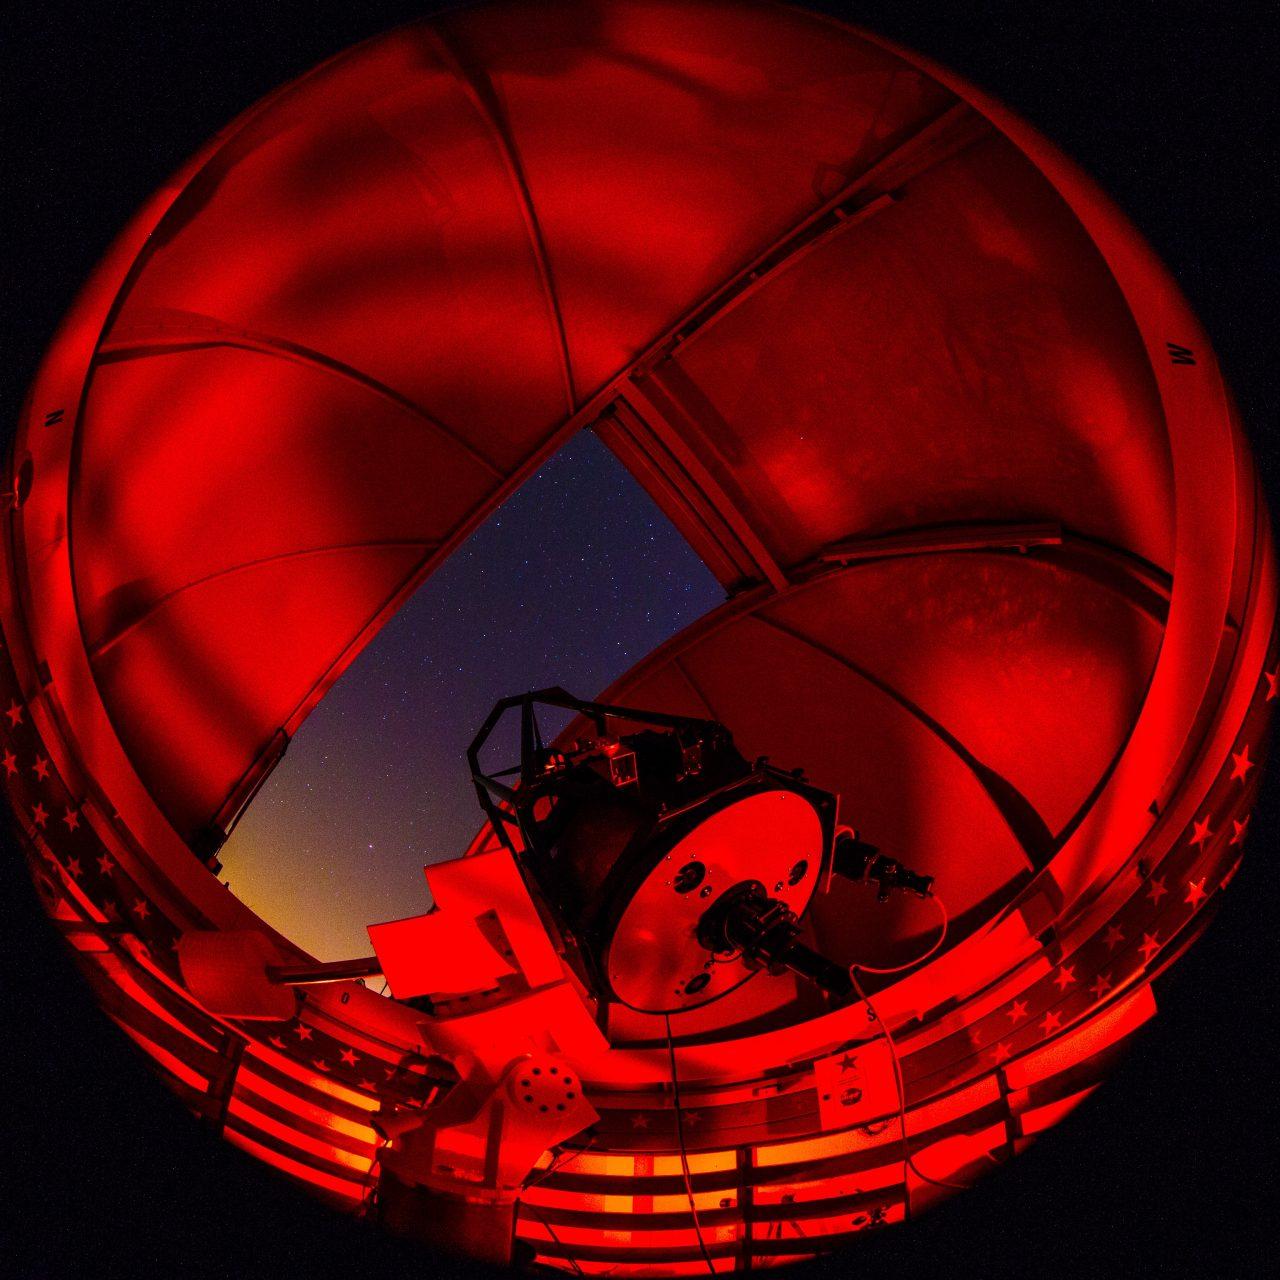 Allsky Foto nachts unter der Kuppel der Sternwarte Braunschweig-Hondelage: Foto Michael Schomann